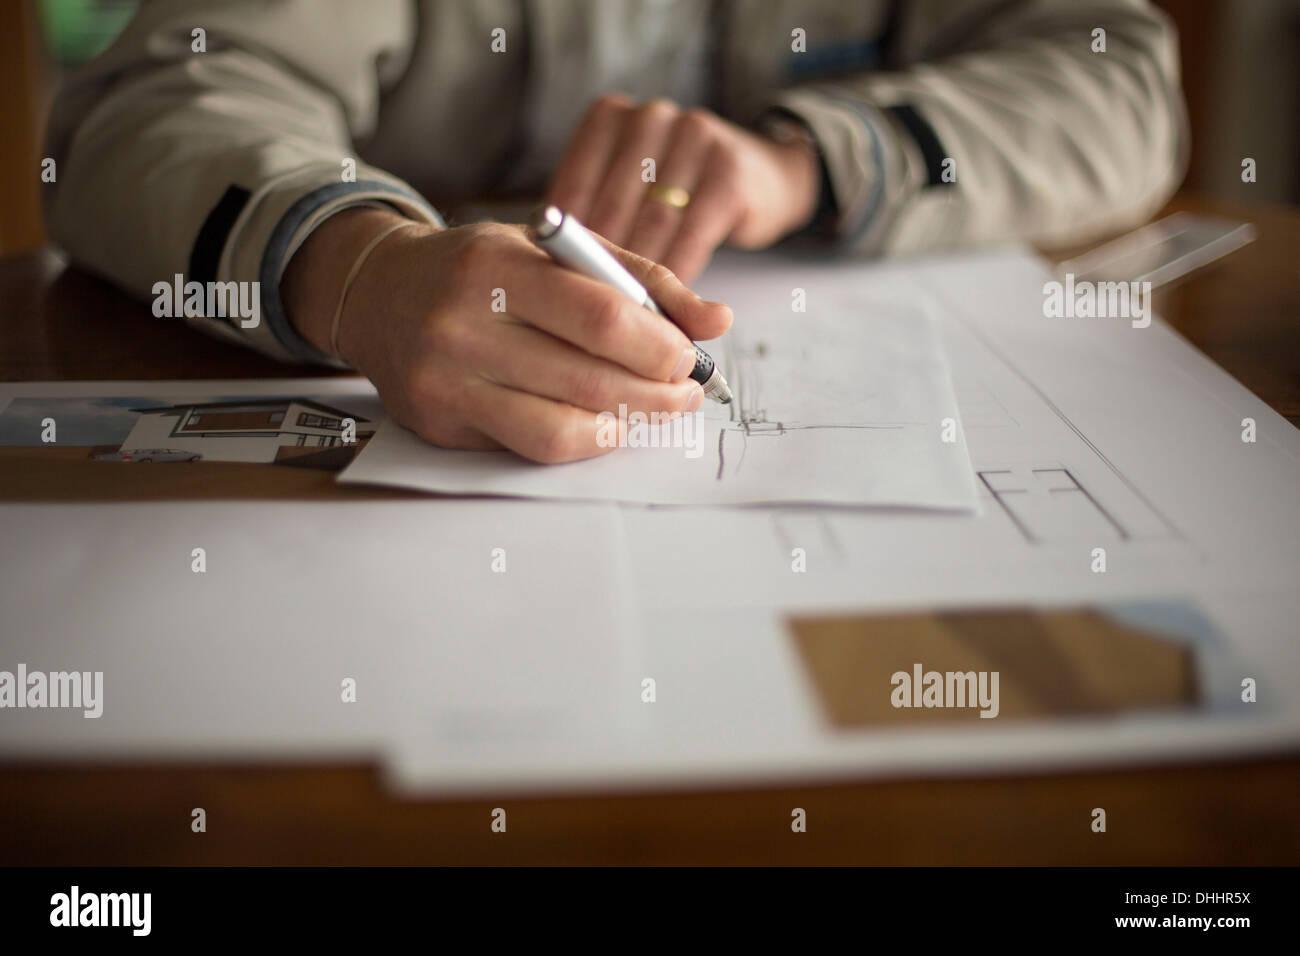 Mittleren Bereich der Mann tut technische Zeichnung Stockbild